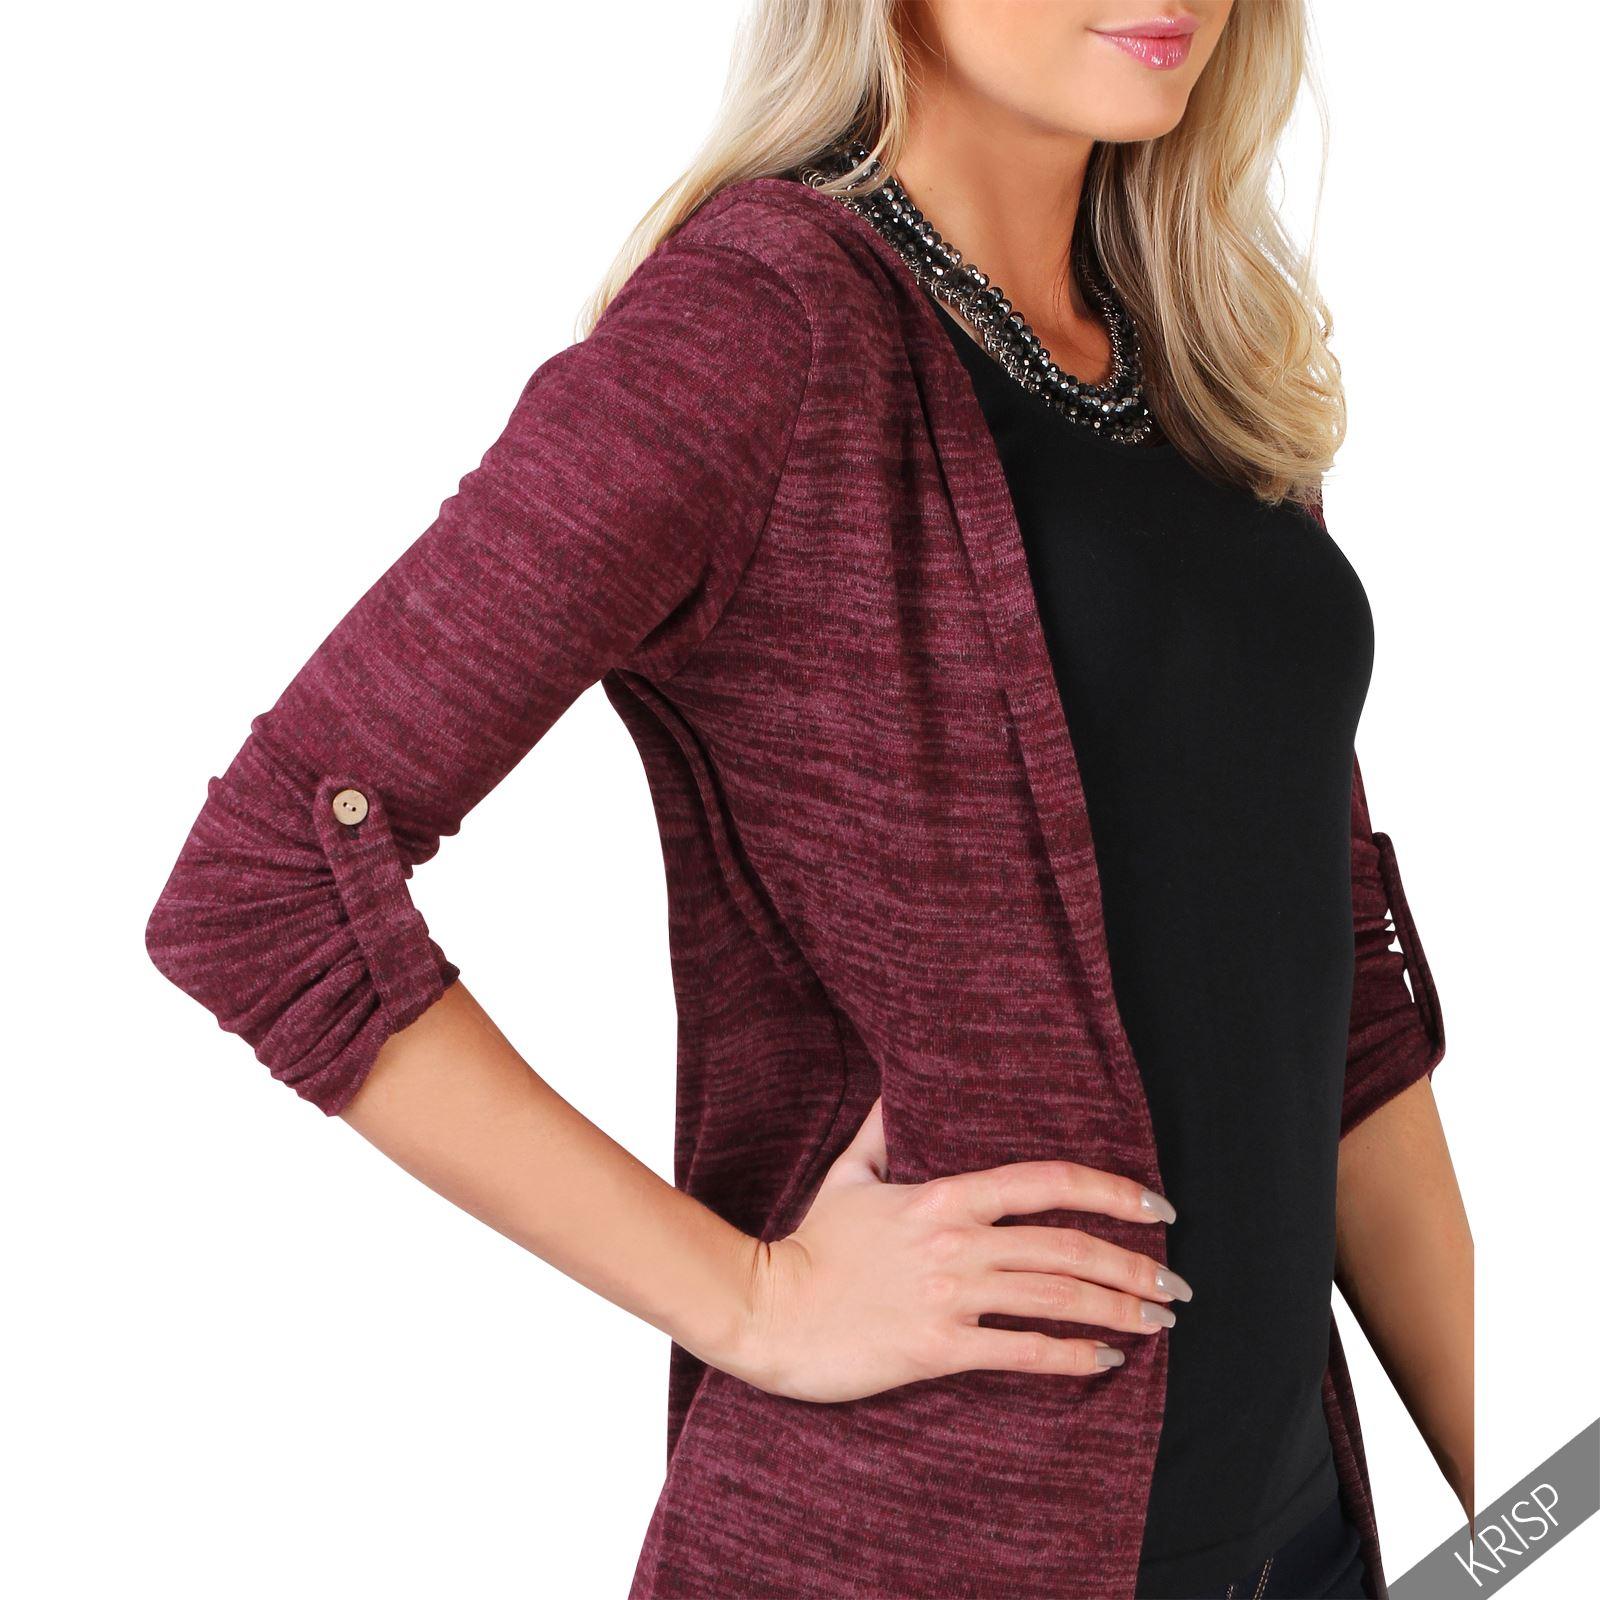 Femmes-Longue-Jacket-Veste-Sweat-Doux-Capuche-Cardigan-Gilet-Manteau-Hiver miniature 4